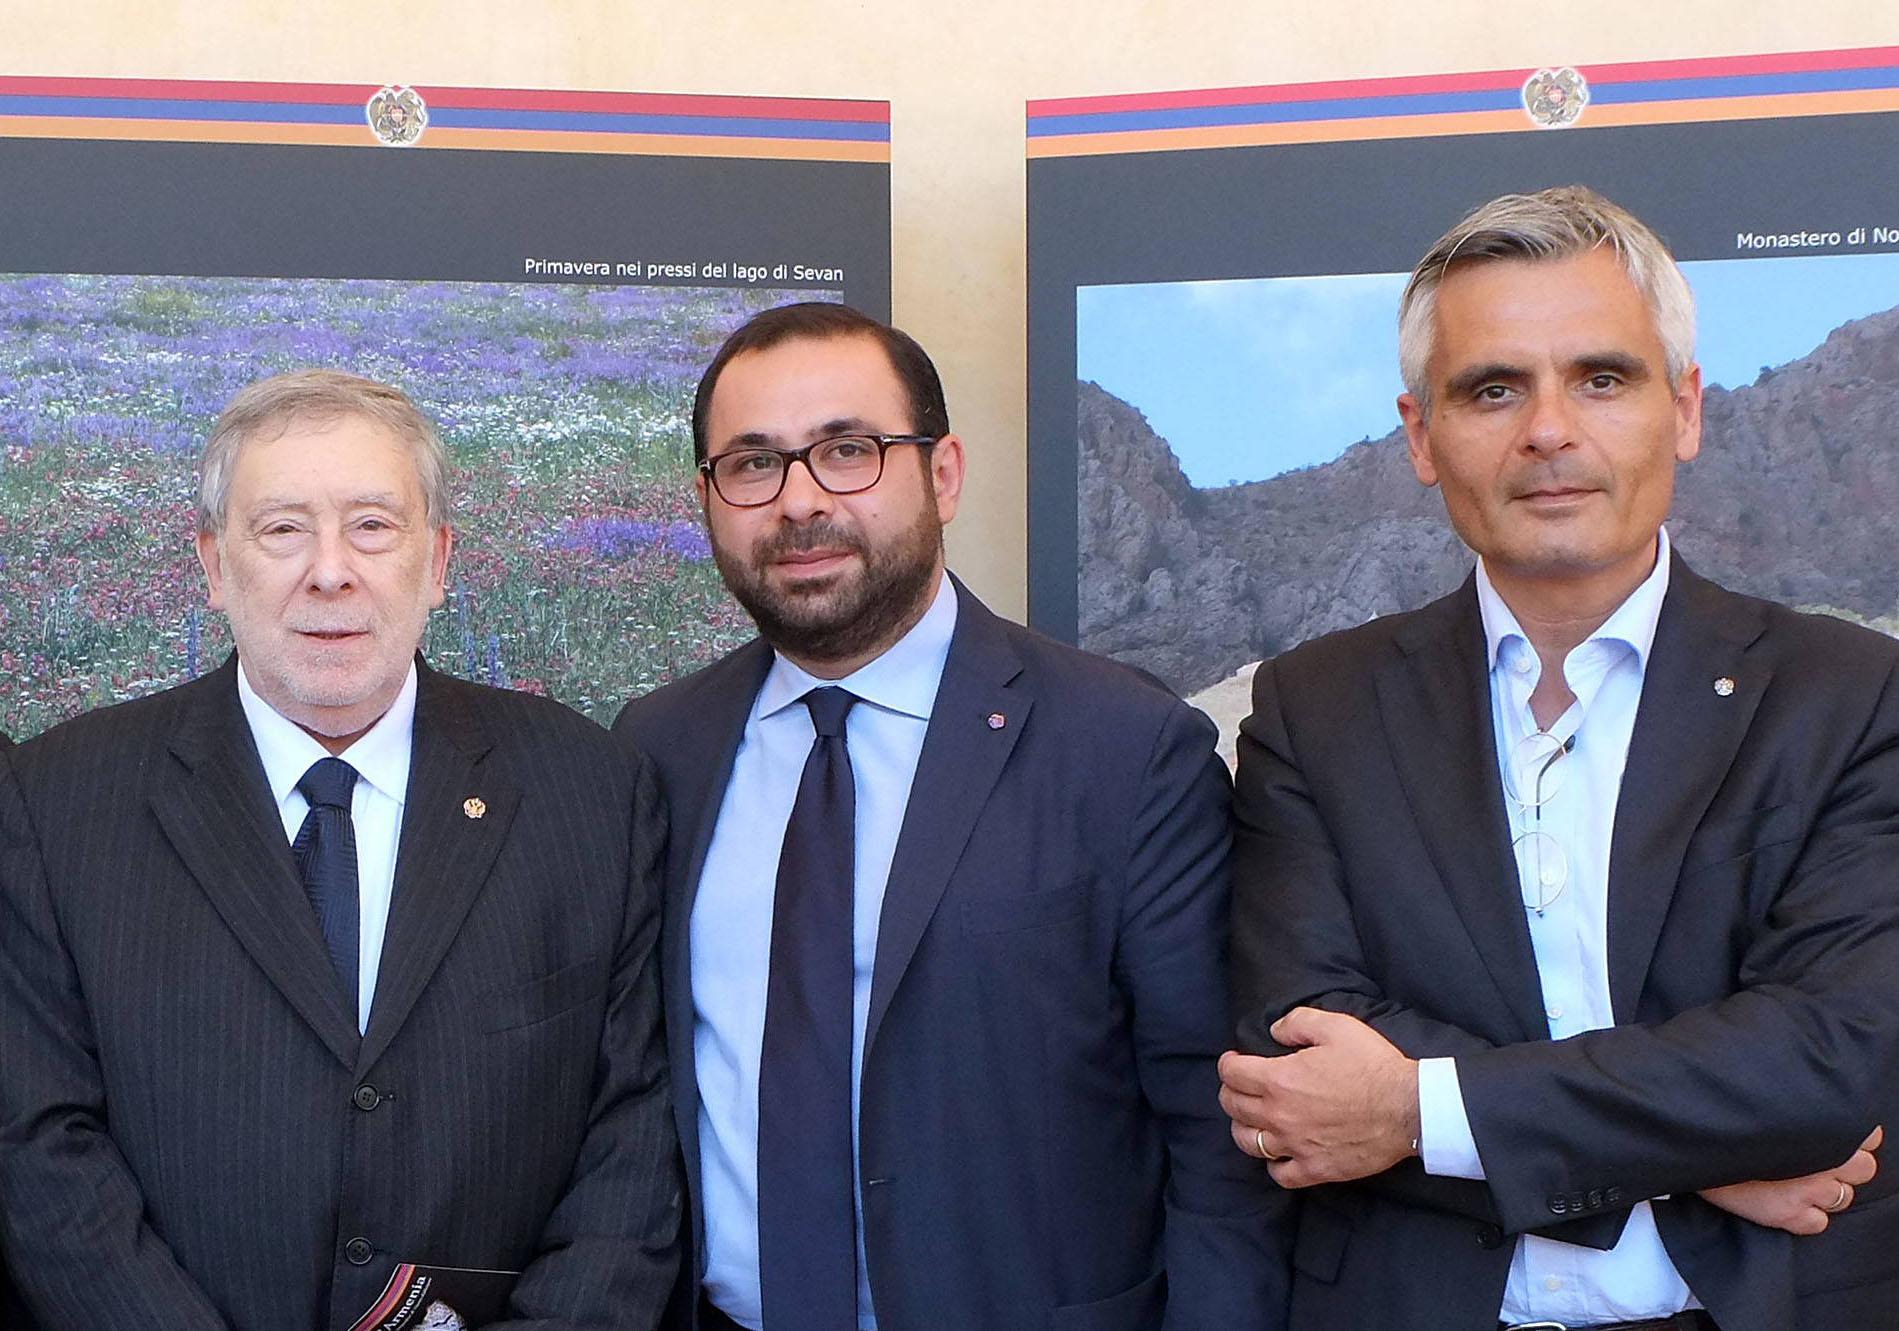 L'AMBASCIATORE DELLA REPUBBLICA D'ARMENIA IN ITALIA GIUNTO A FINE MISSIONE SALUTA IL CONSOLATO RUSSO DI ANCONA